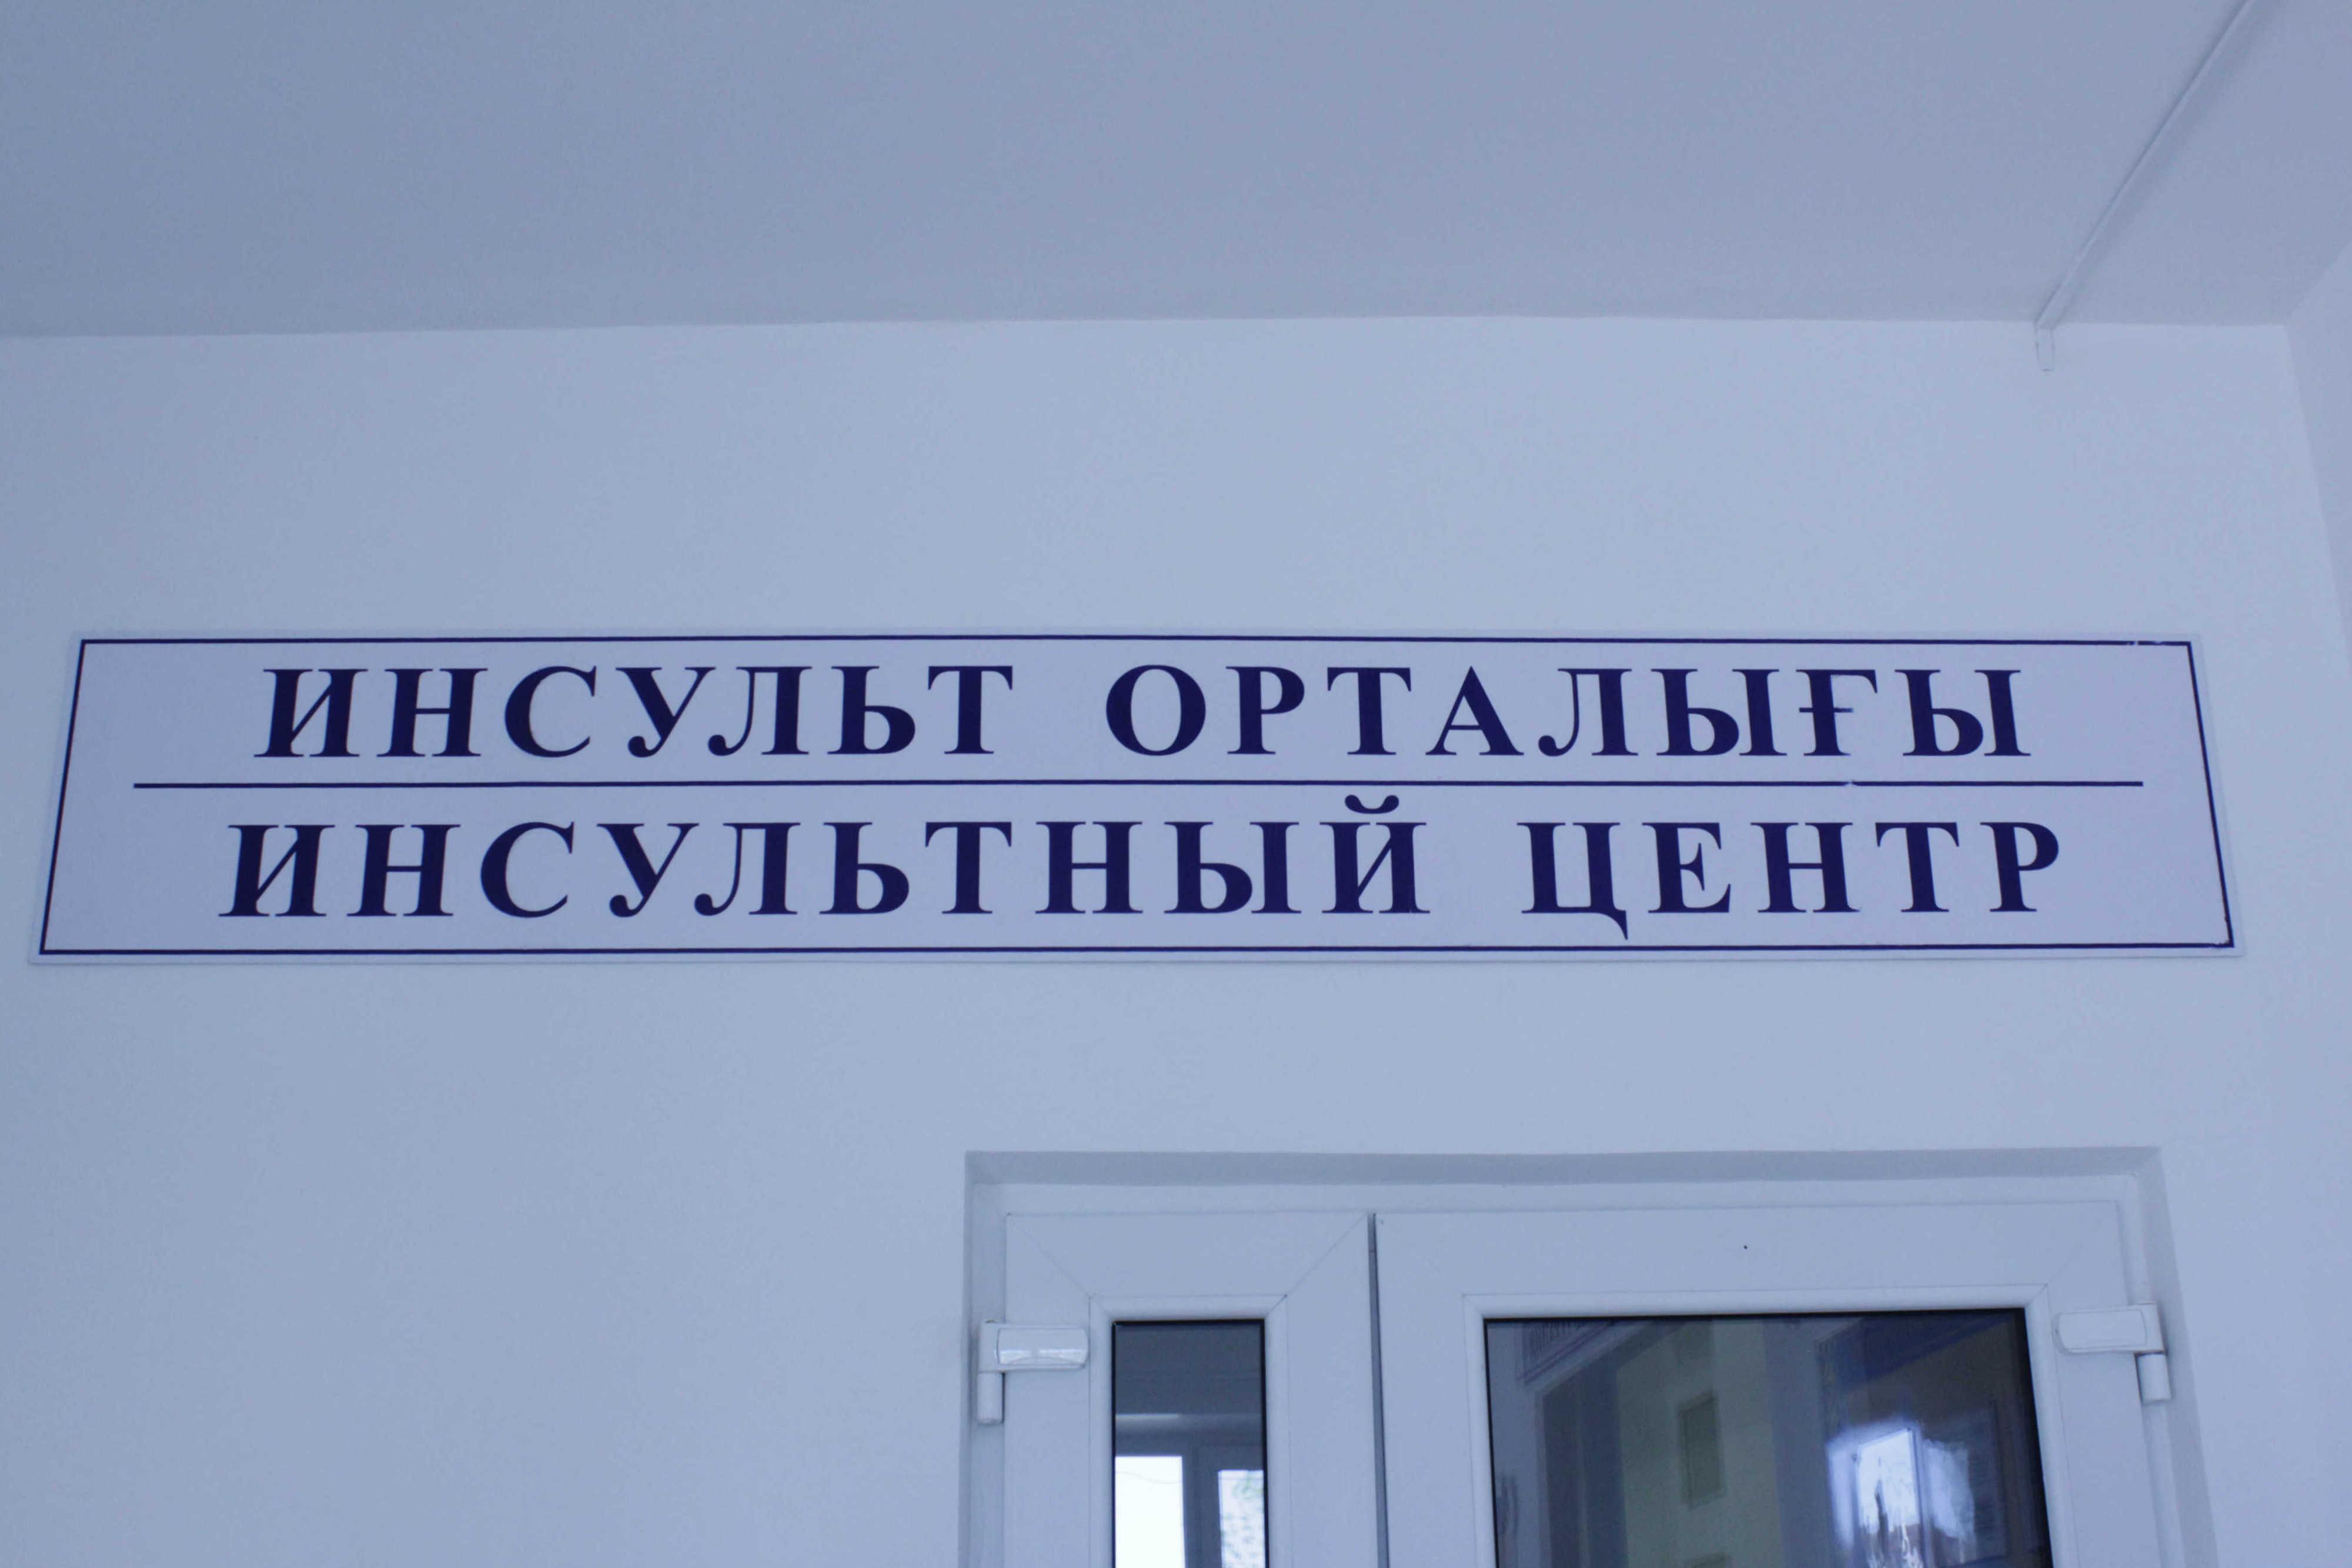 Новопавловск больница официальный